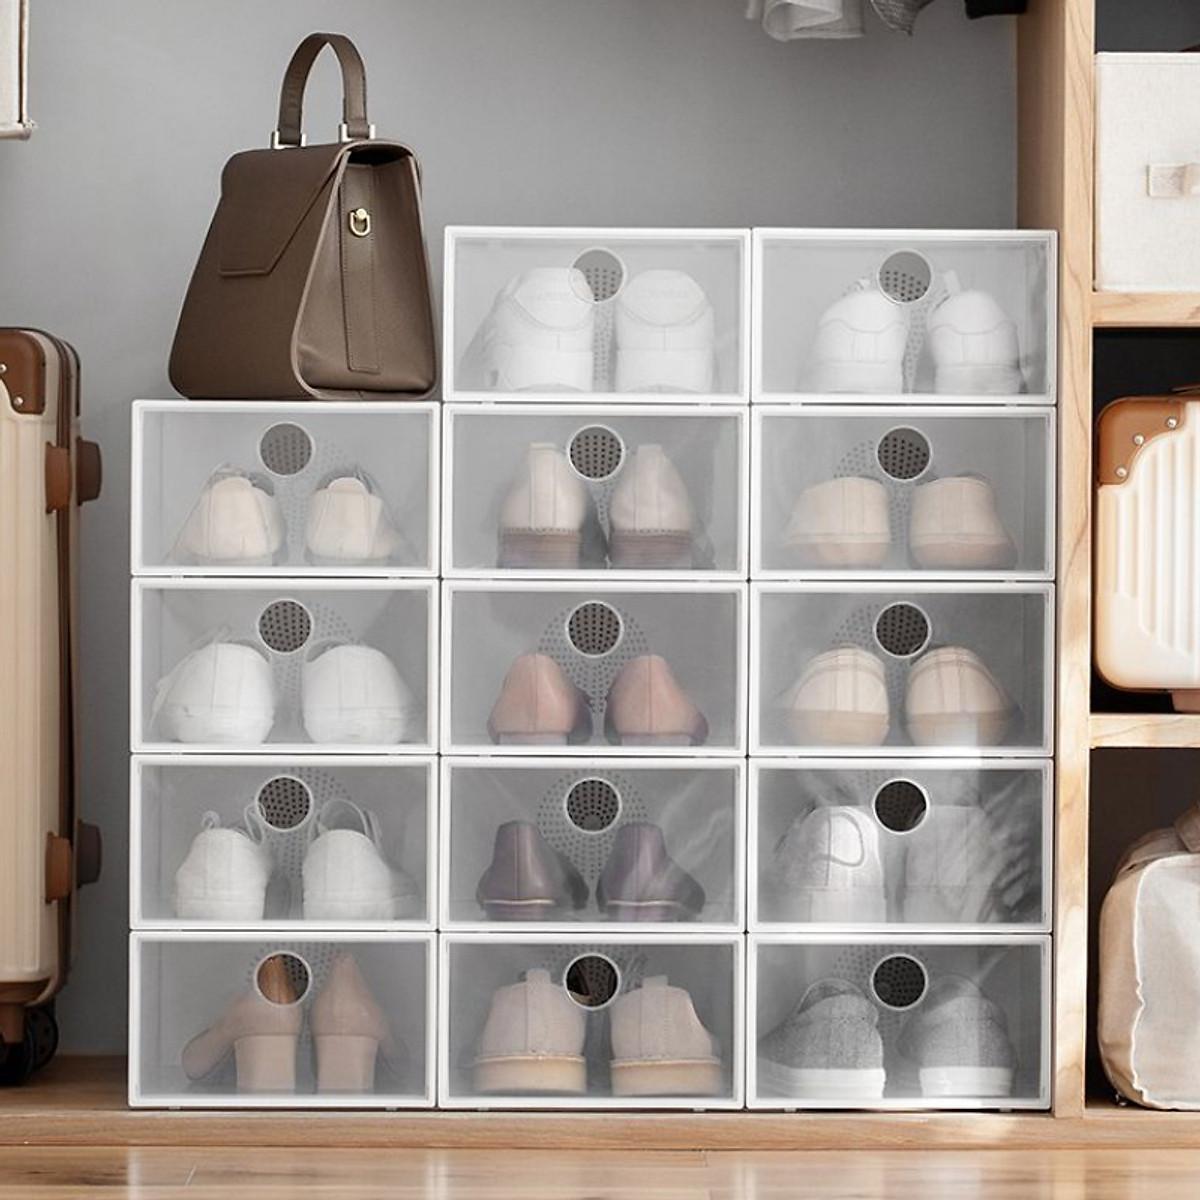 Tiếc chi vài chục nghìn sắm hộp đựng giày: Nhà gọn hơn, giày cũng được bảo quản tốt - Ảnh 6.